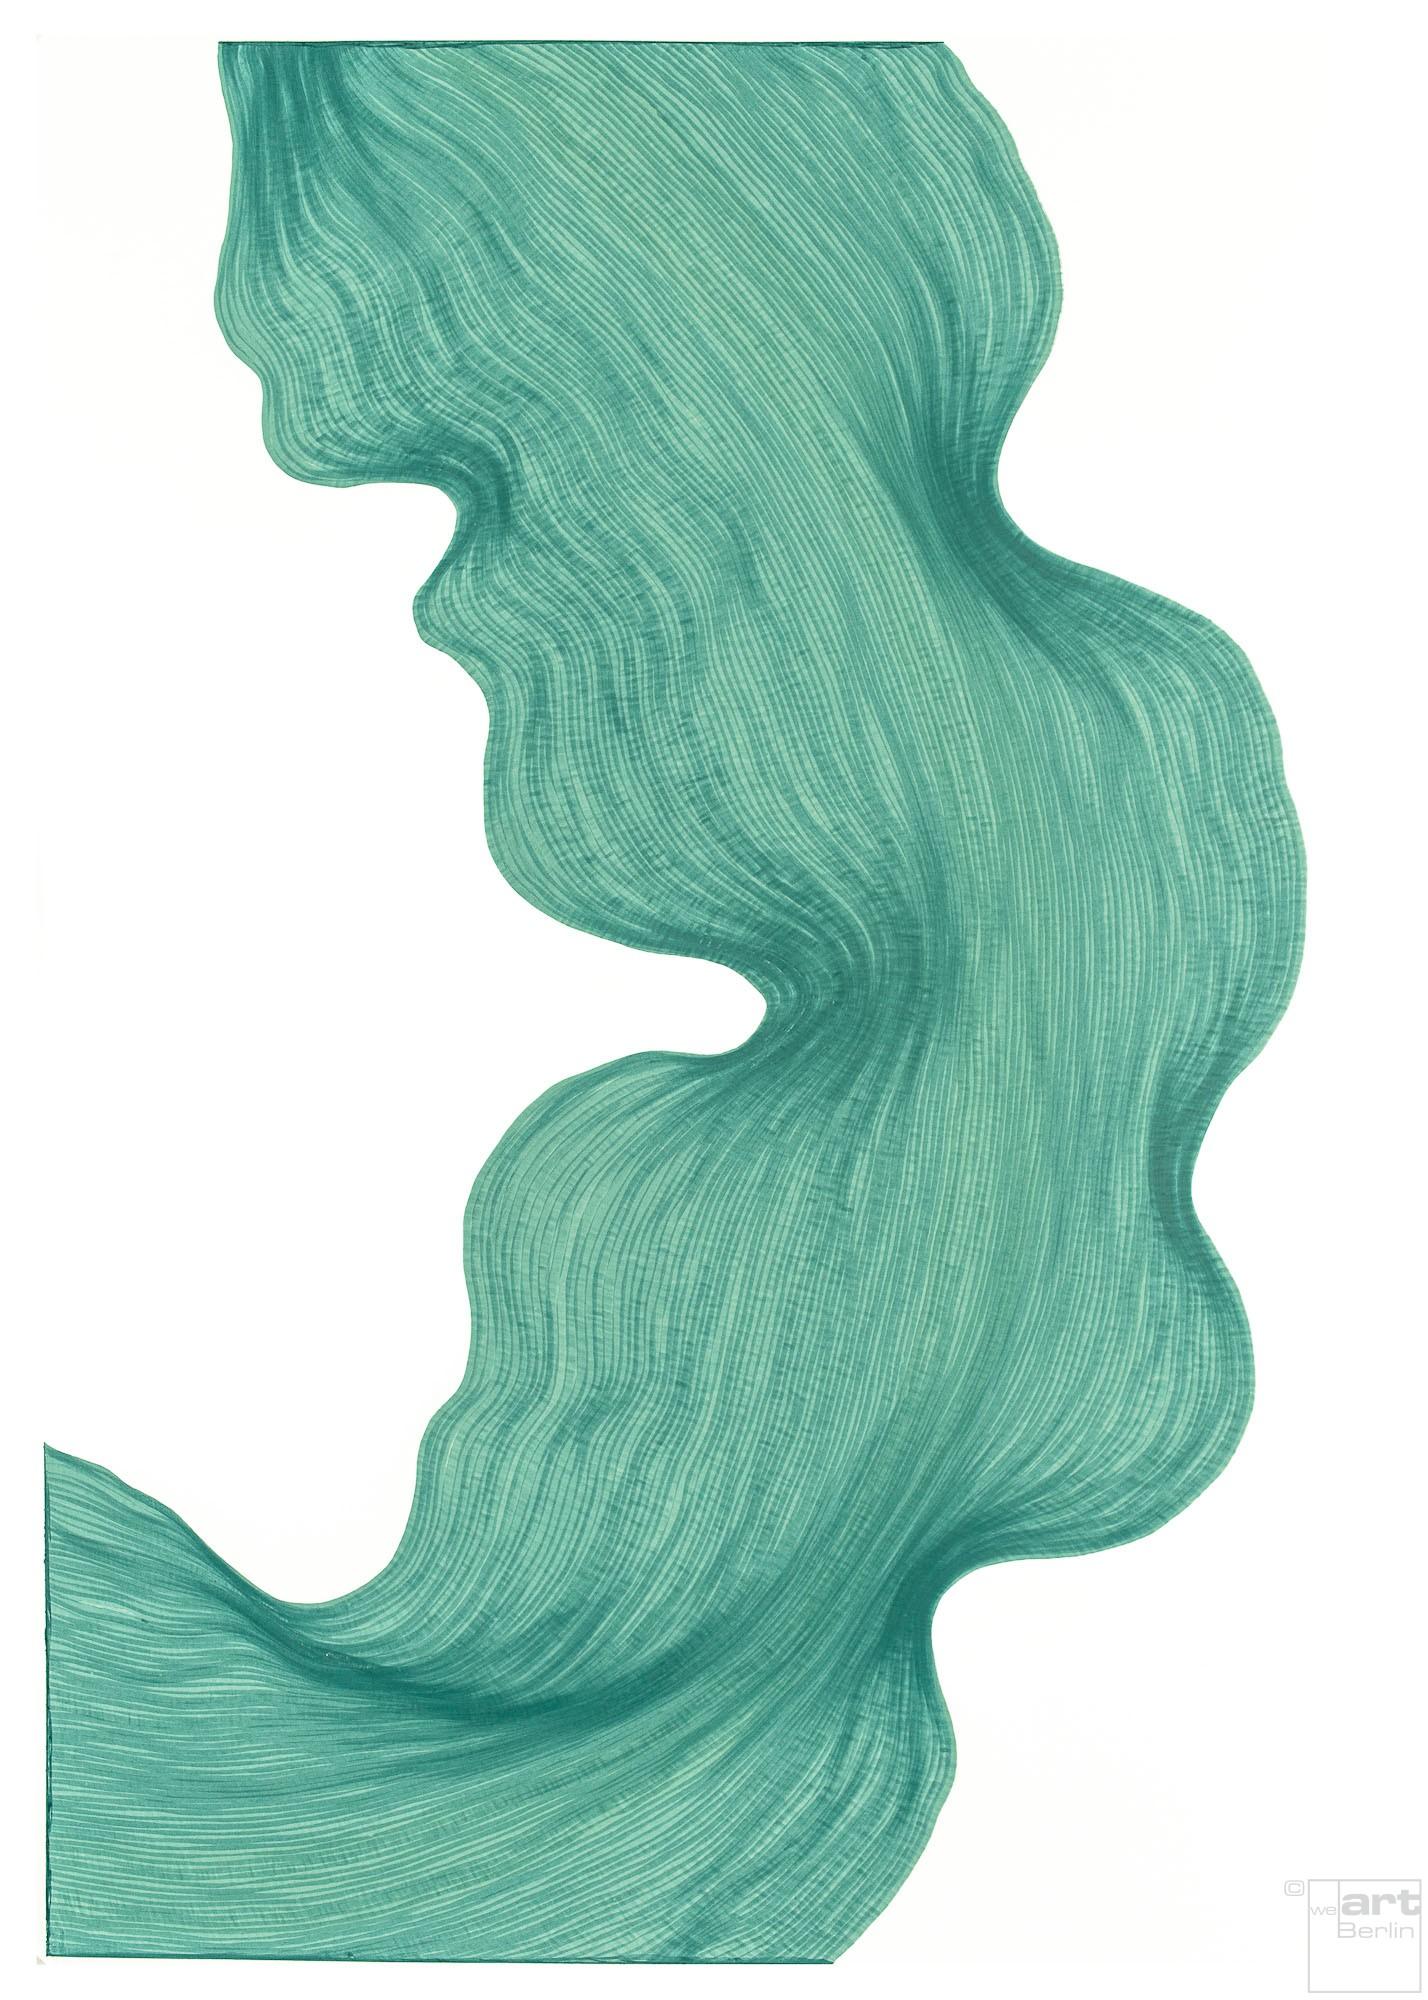 Icy Green | Lali Torma | Zeichnung | Kalligraphietusche auf Papier